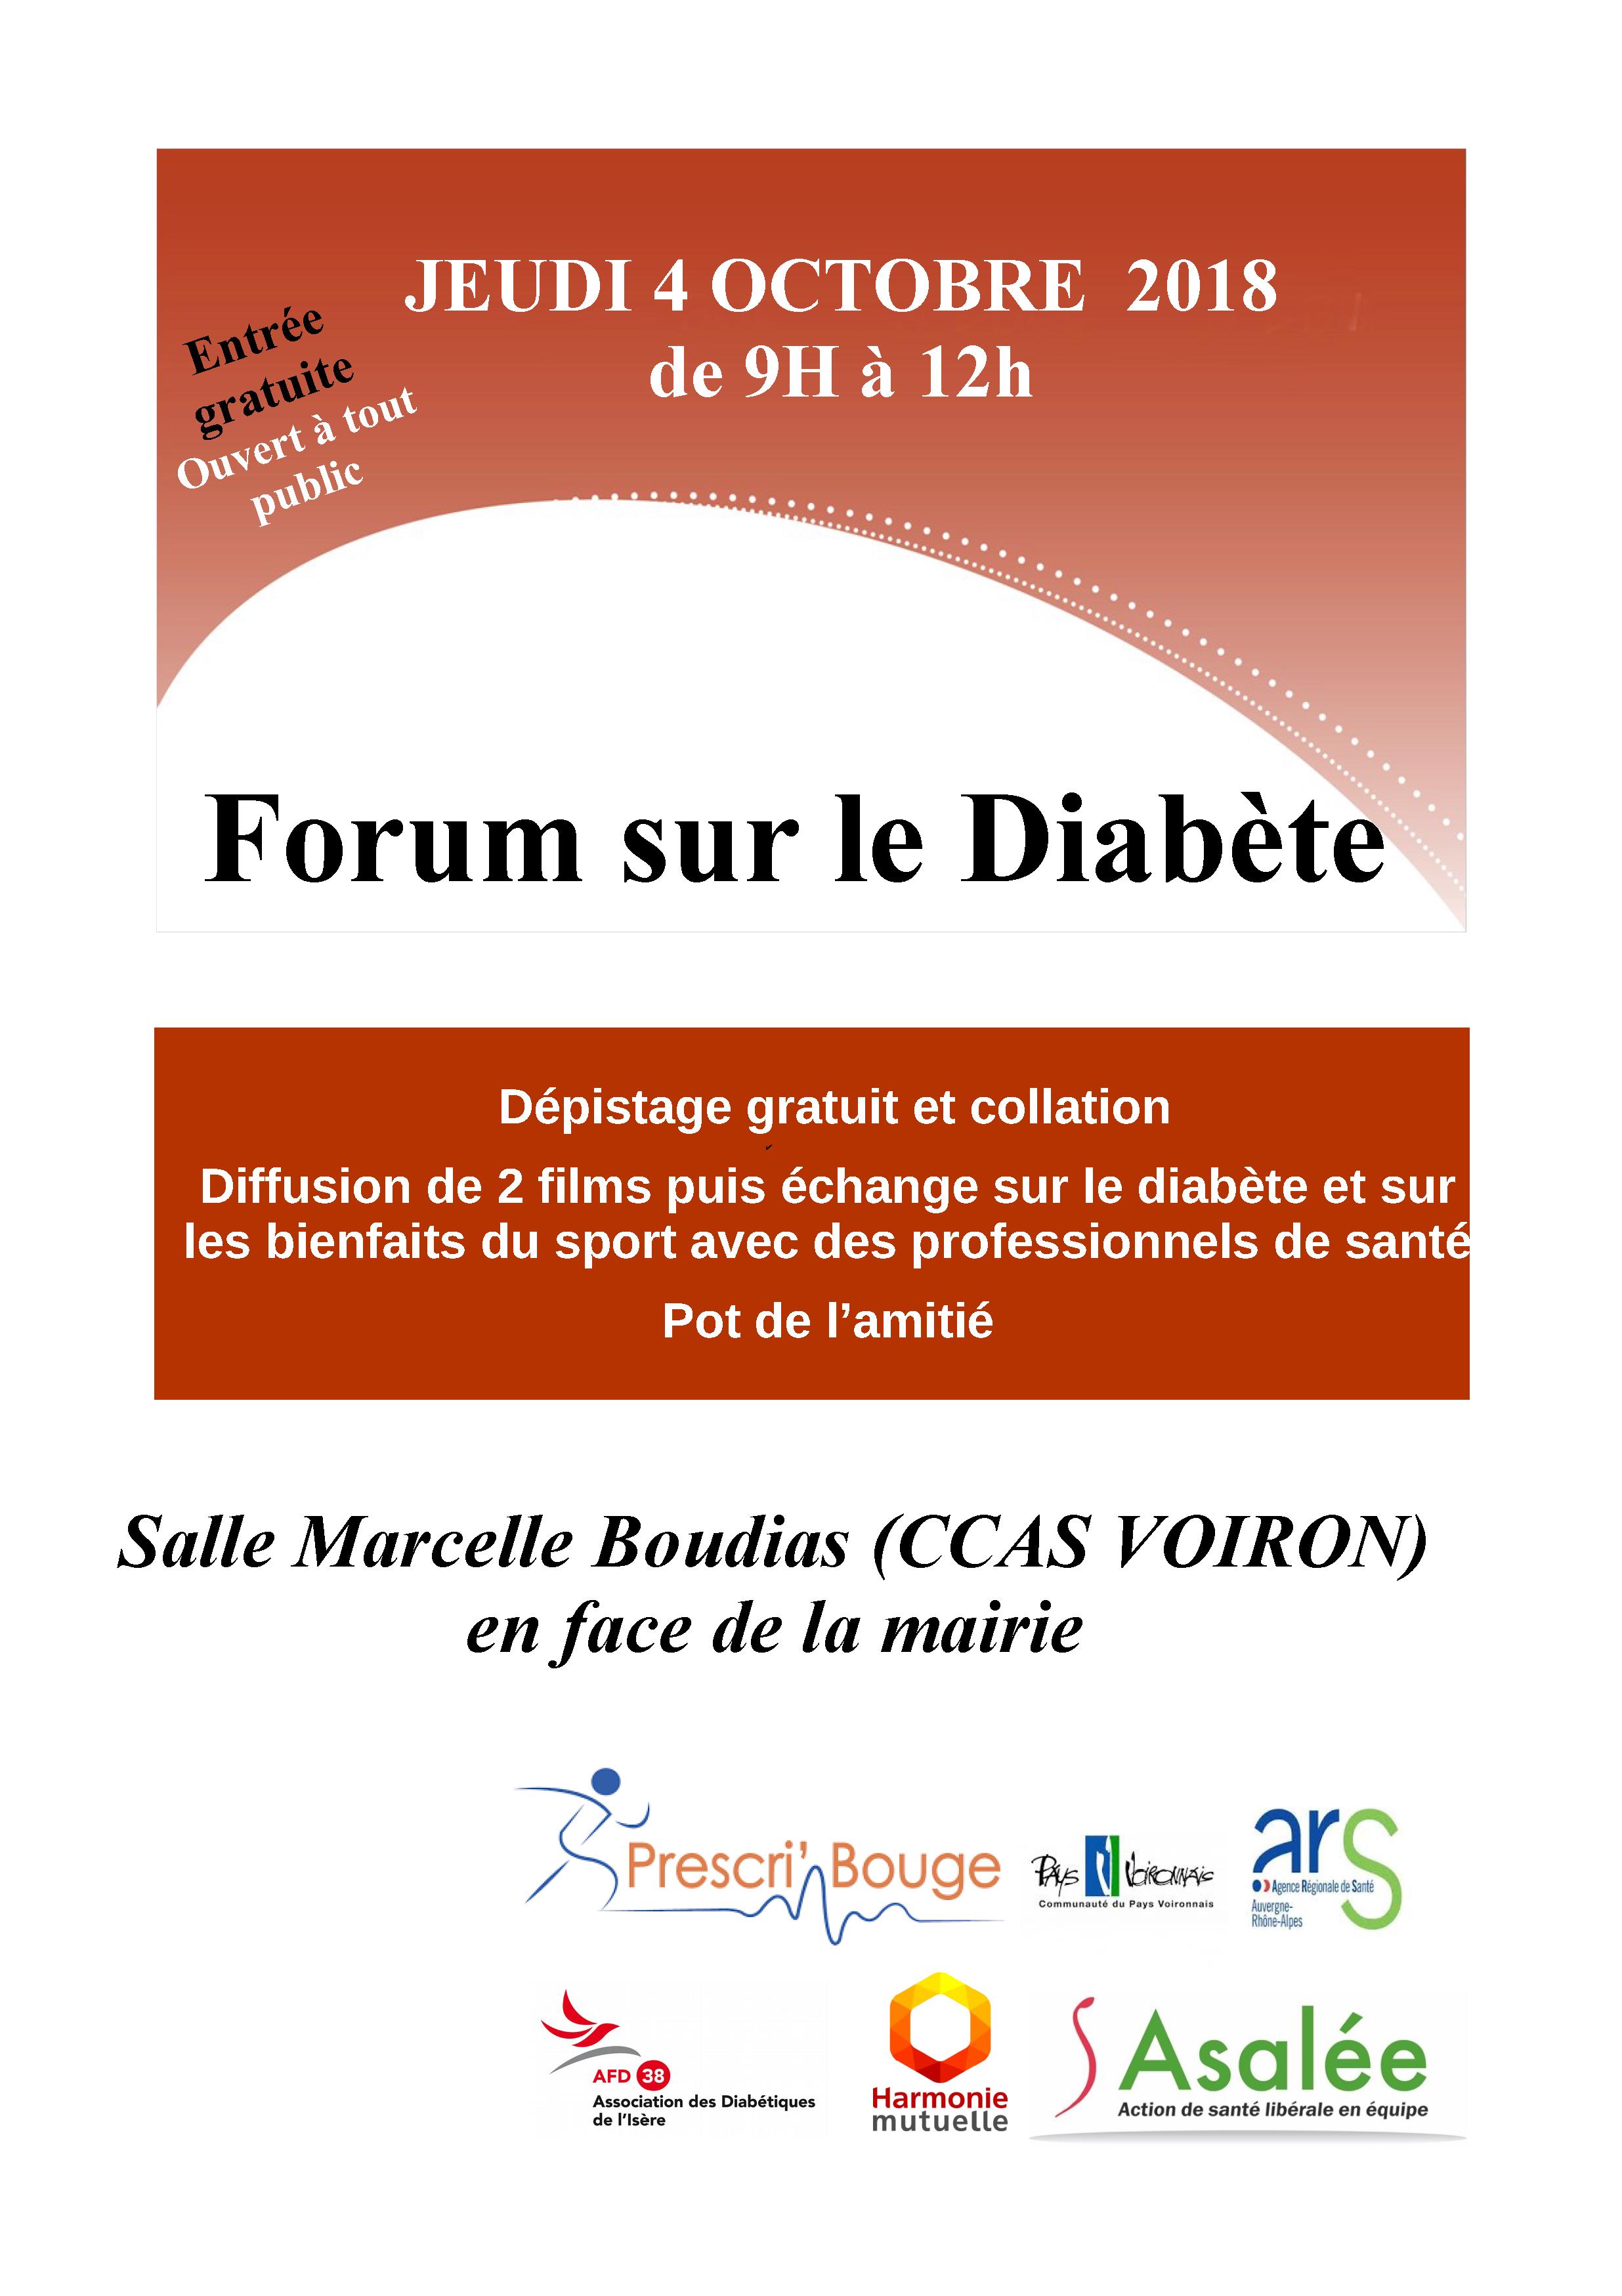 Journée sur le diabète @ Salle Marcelle Boudias (CCAS VOIRON)